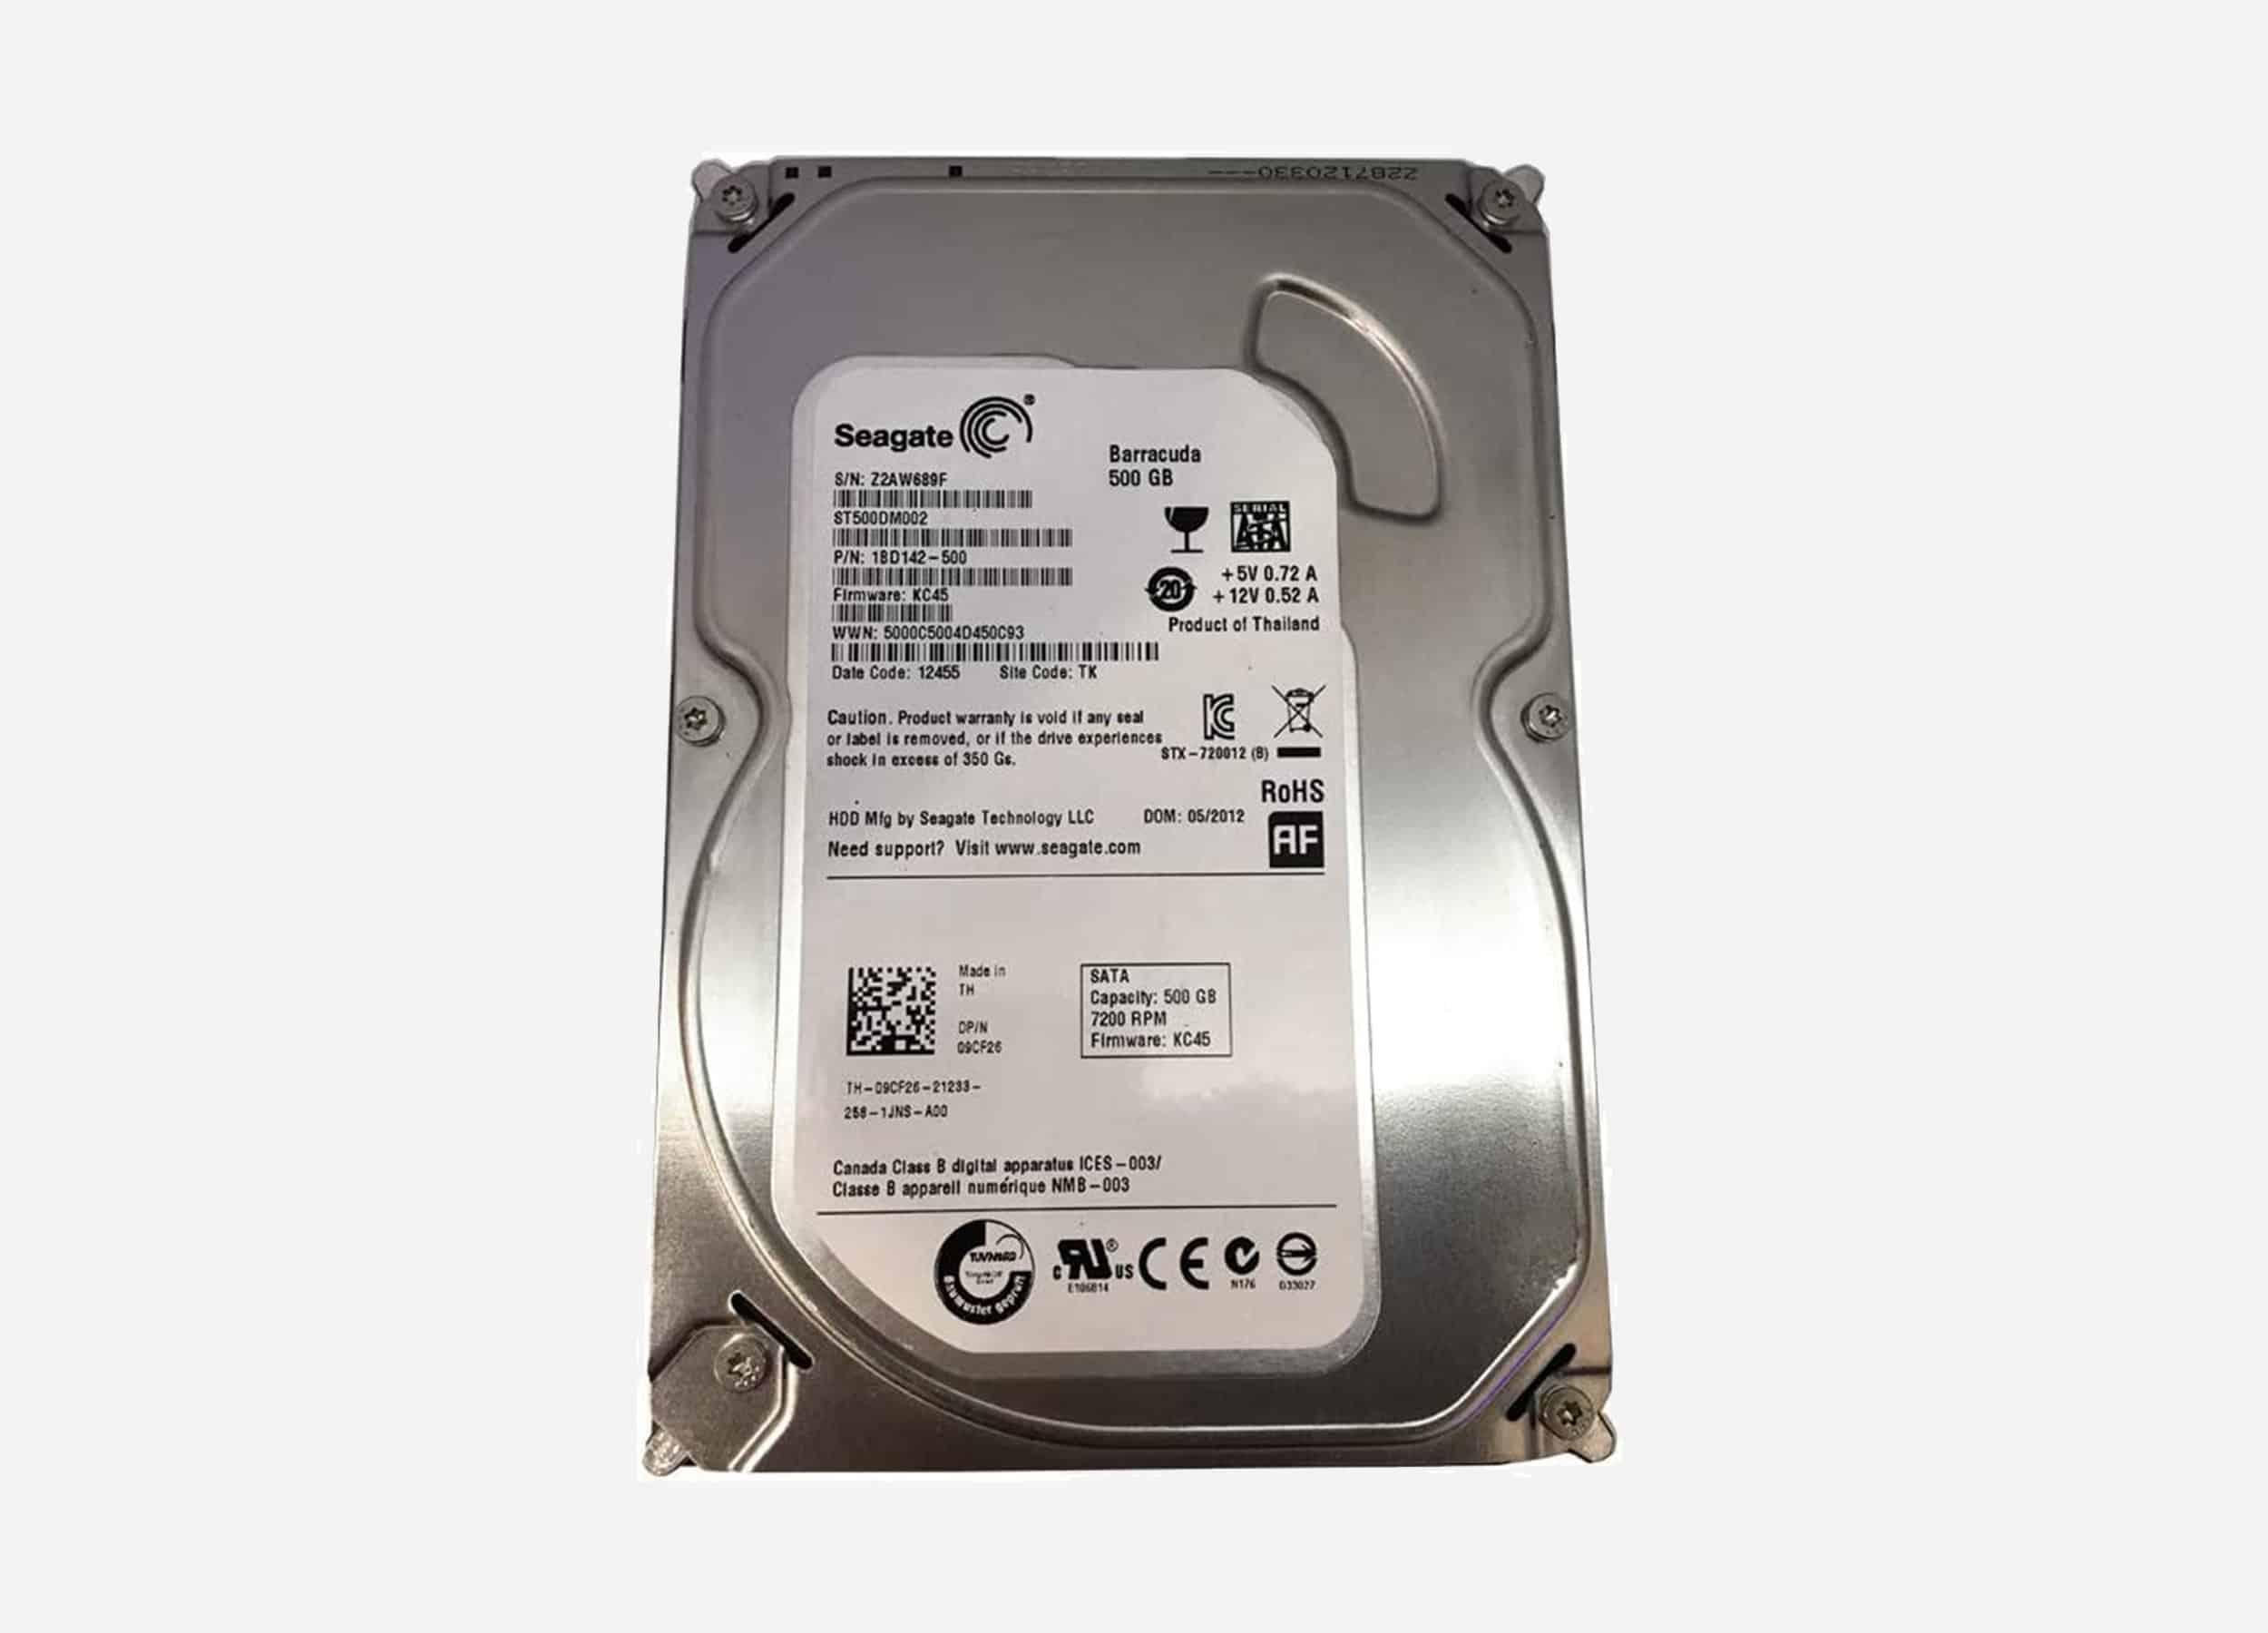 HDD Seagate BarraCuda 500 GB Pc 3.5